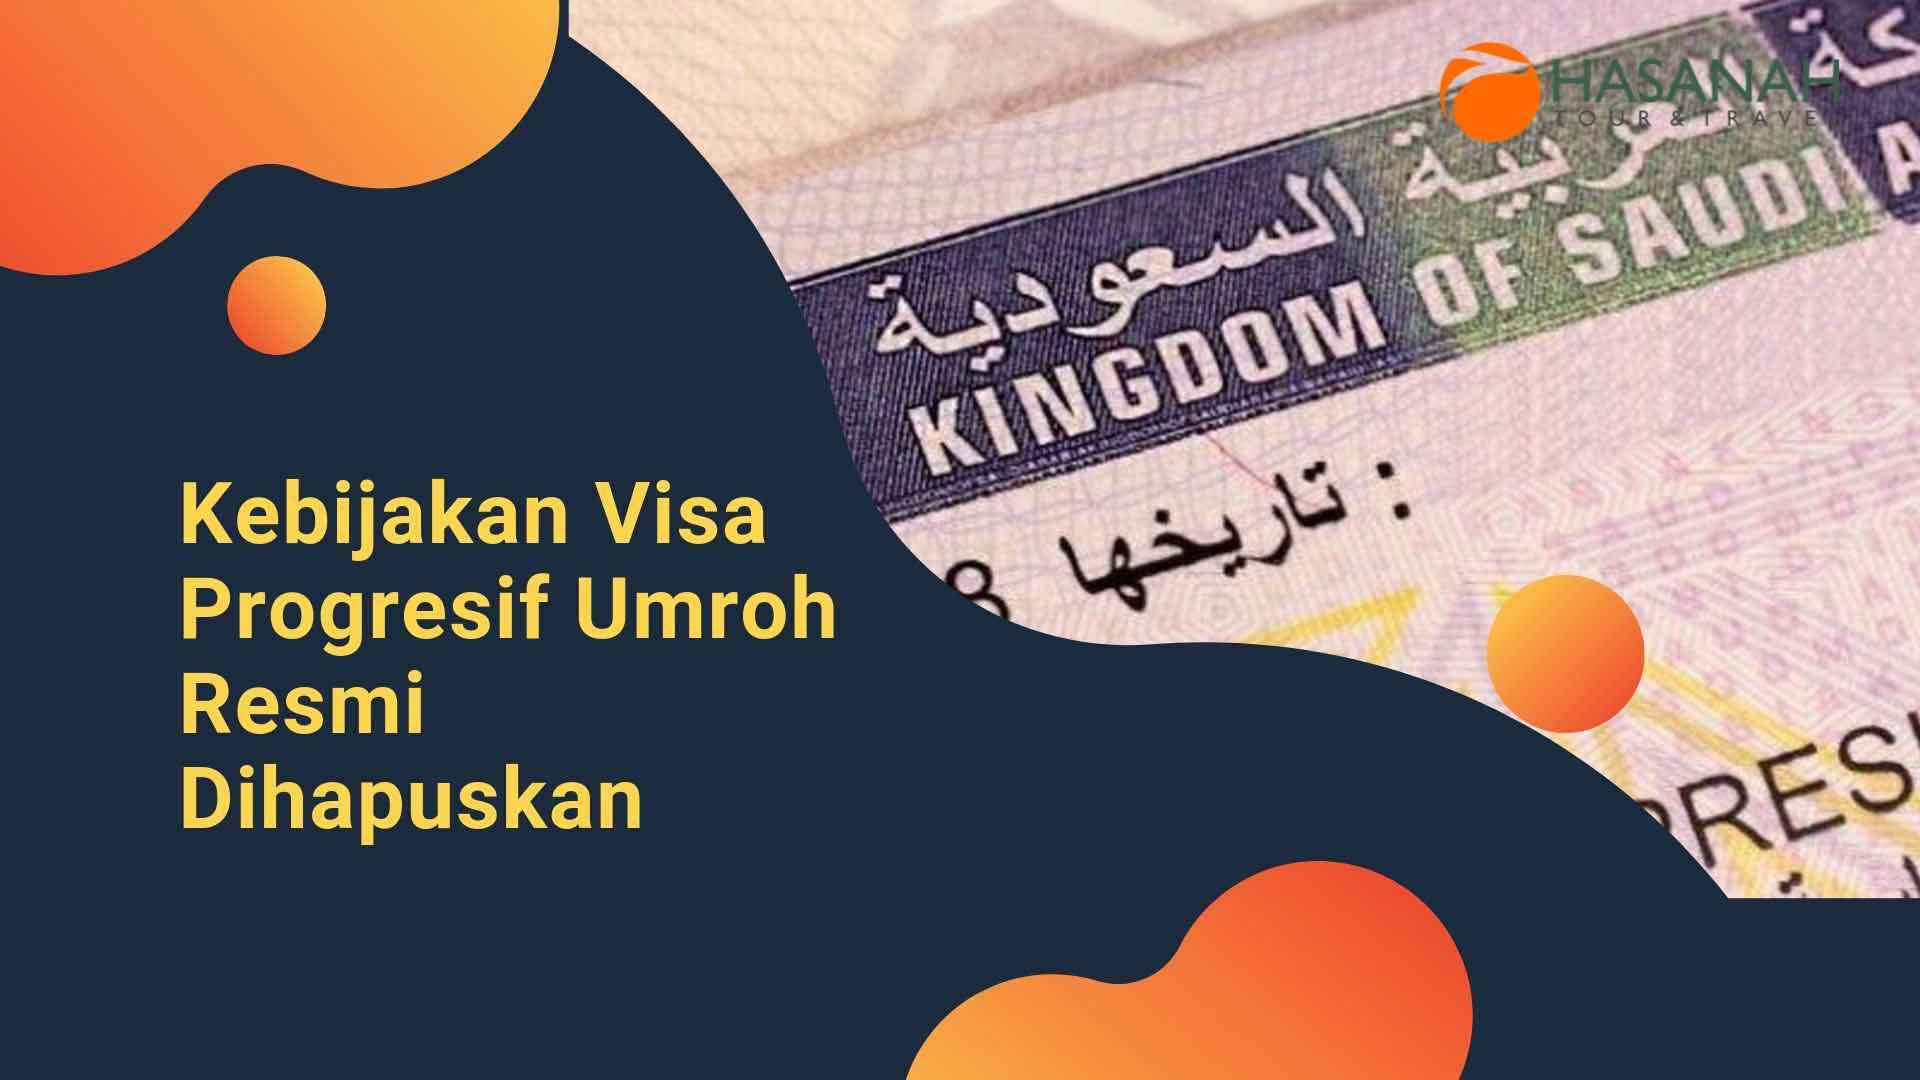 visa progresif umroh by alsha travel news